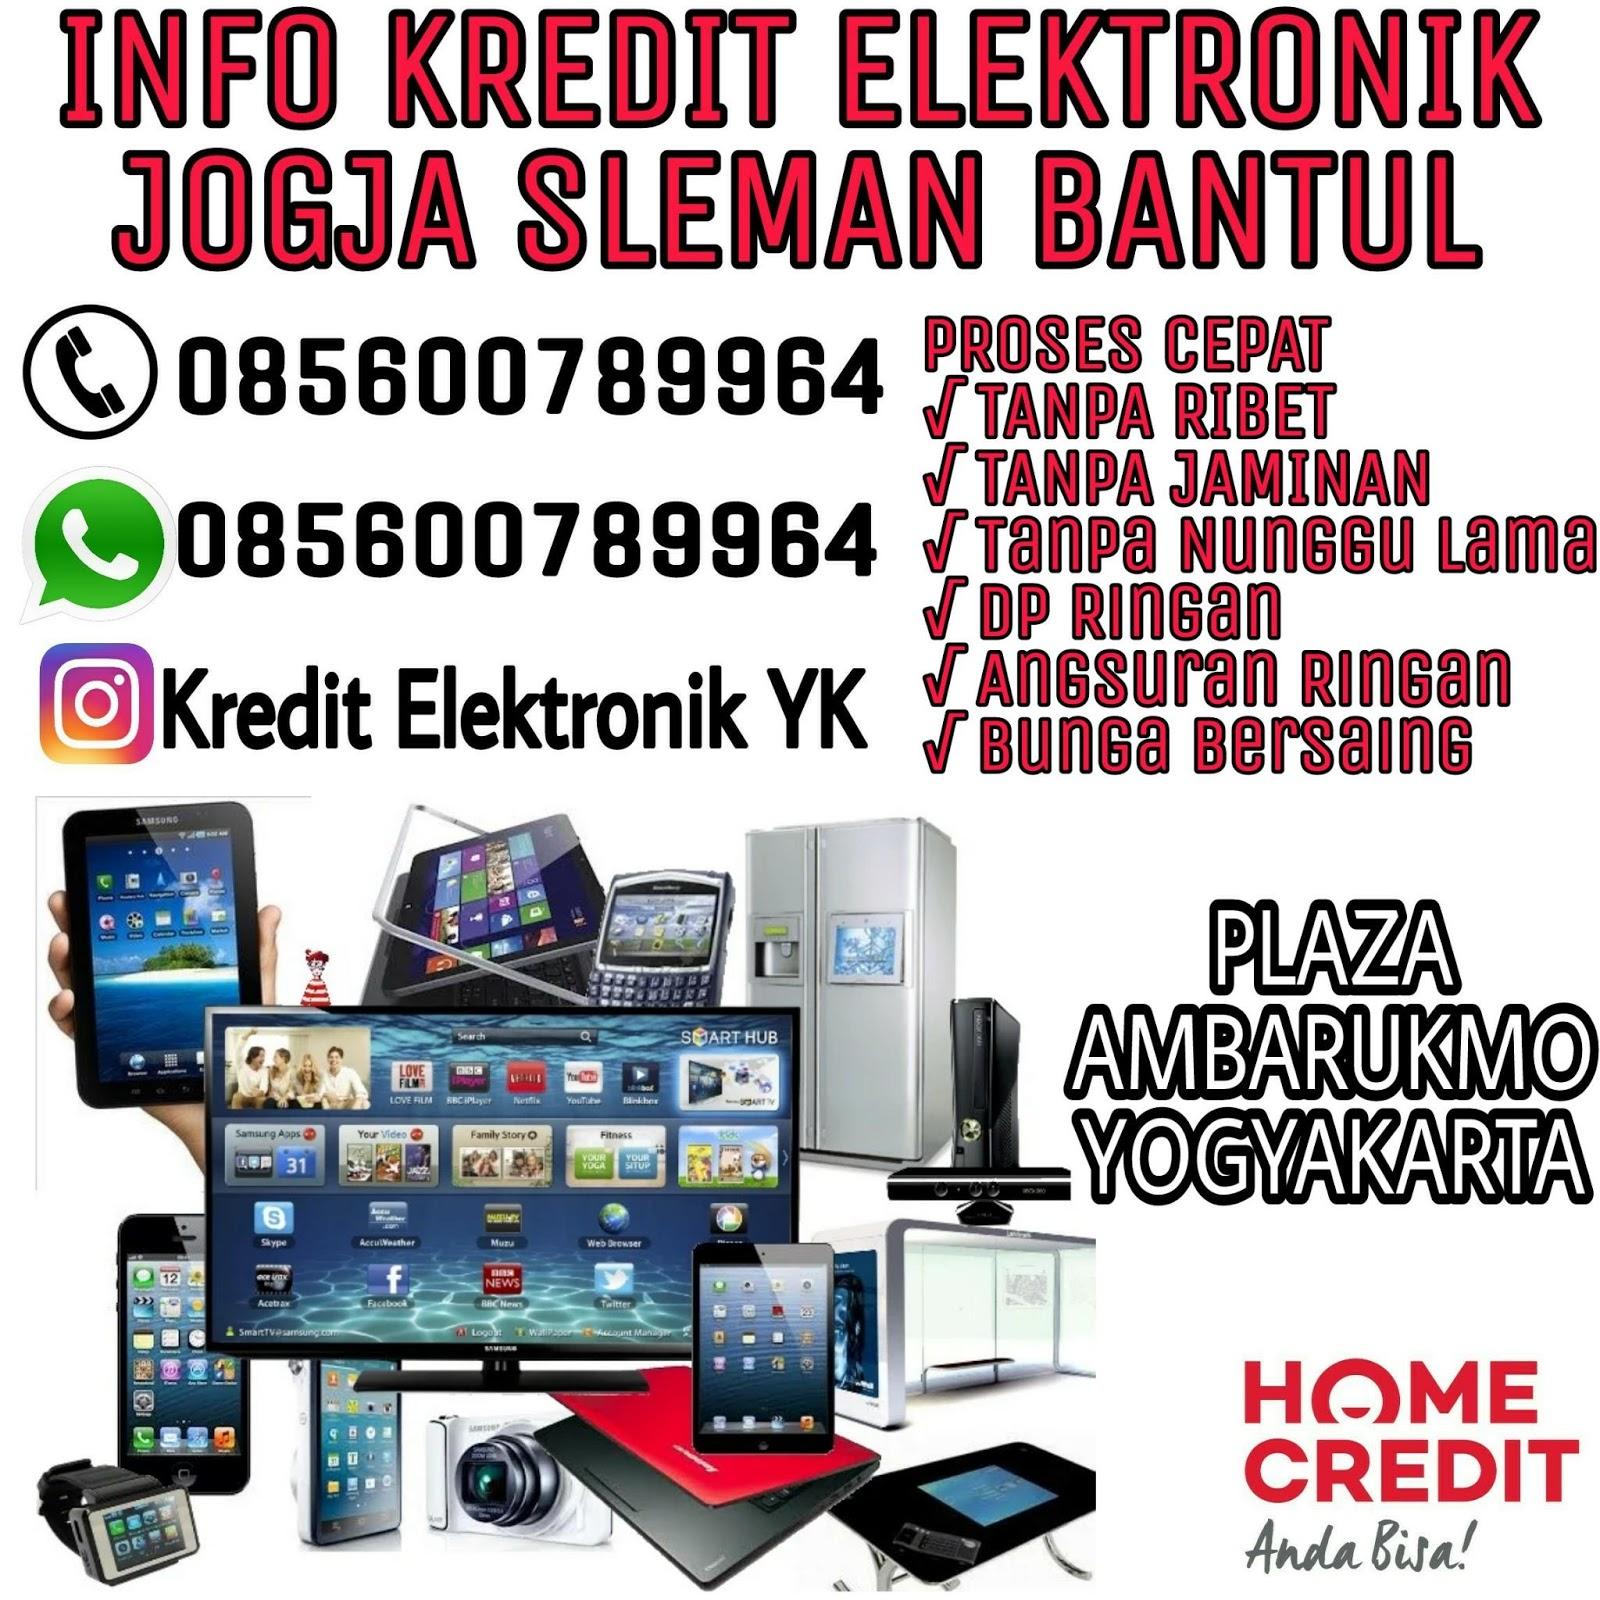 Phone Market Plaza Ambarukmo Lt. Lower Ground Yogyakarta 6f005d89ba